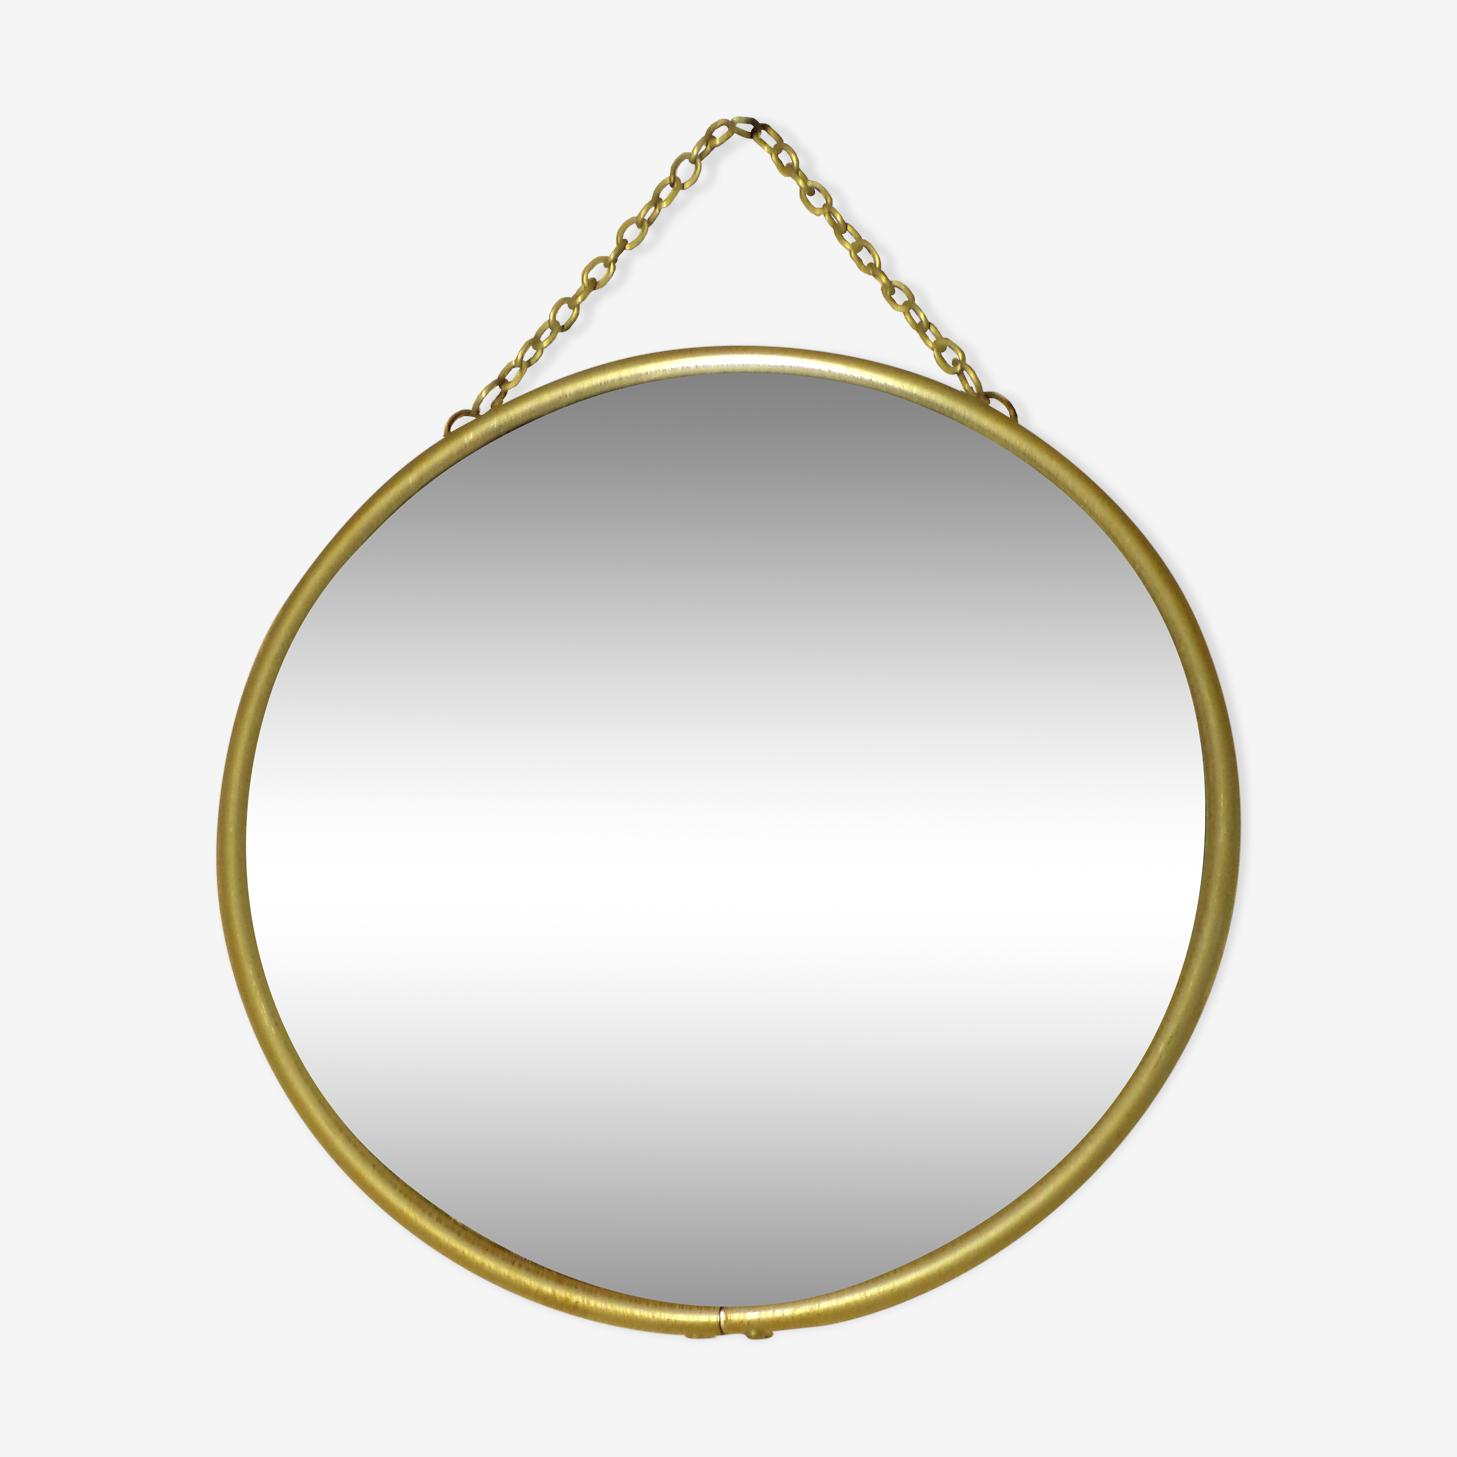 Mirror round Barber chain 1950 19cm